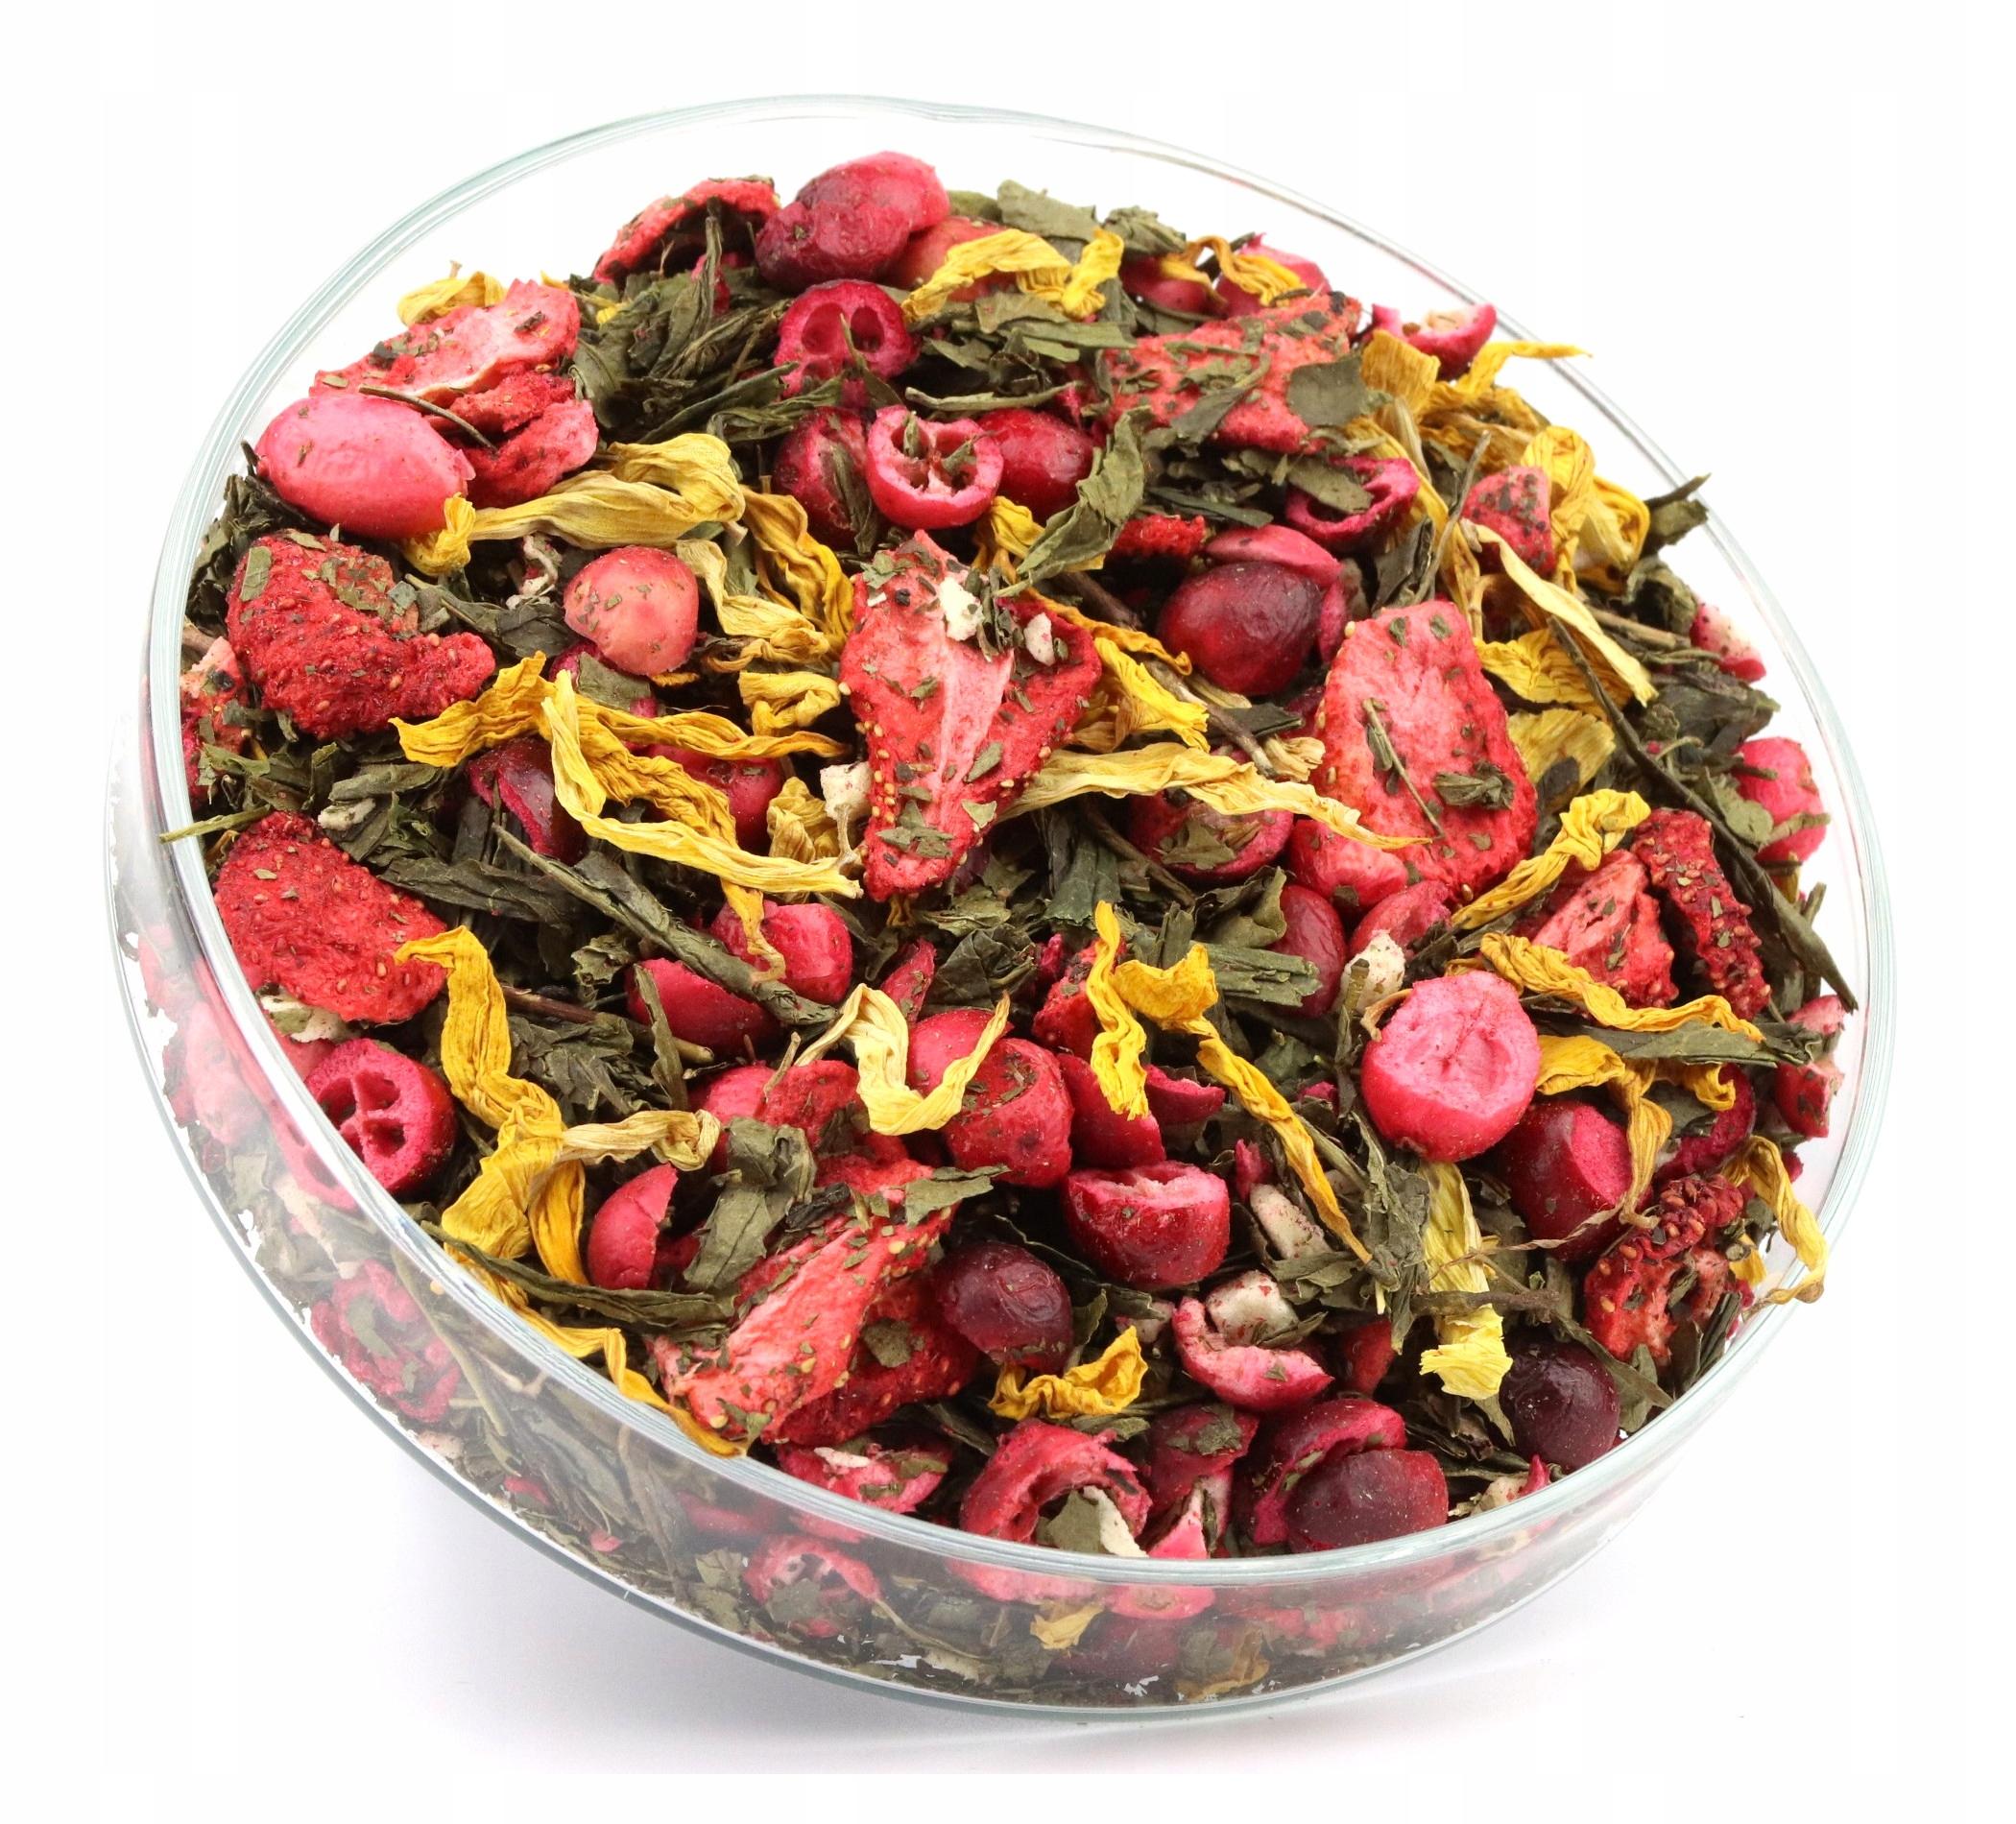 зеленый чай РАЙСКИЙ САД фруктовый классная 50g